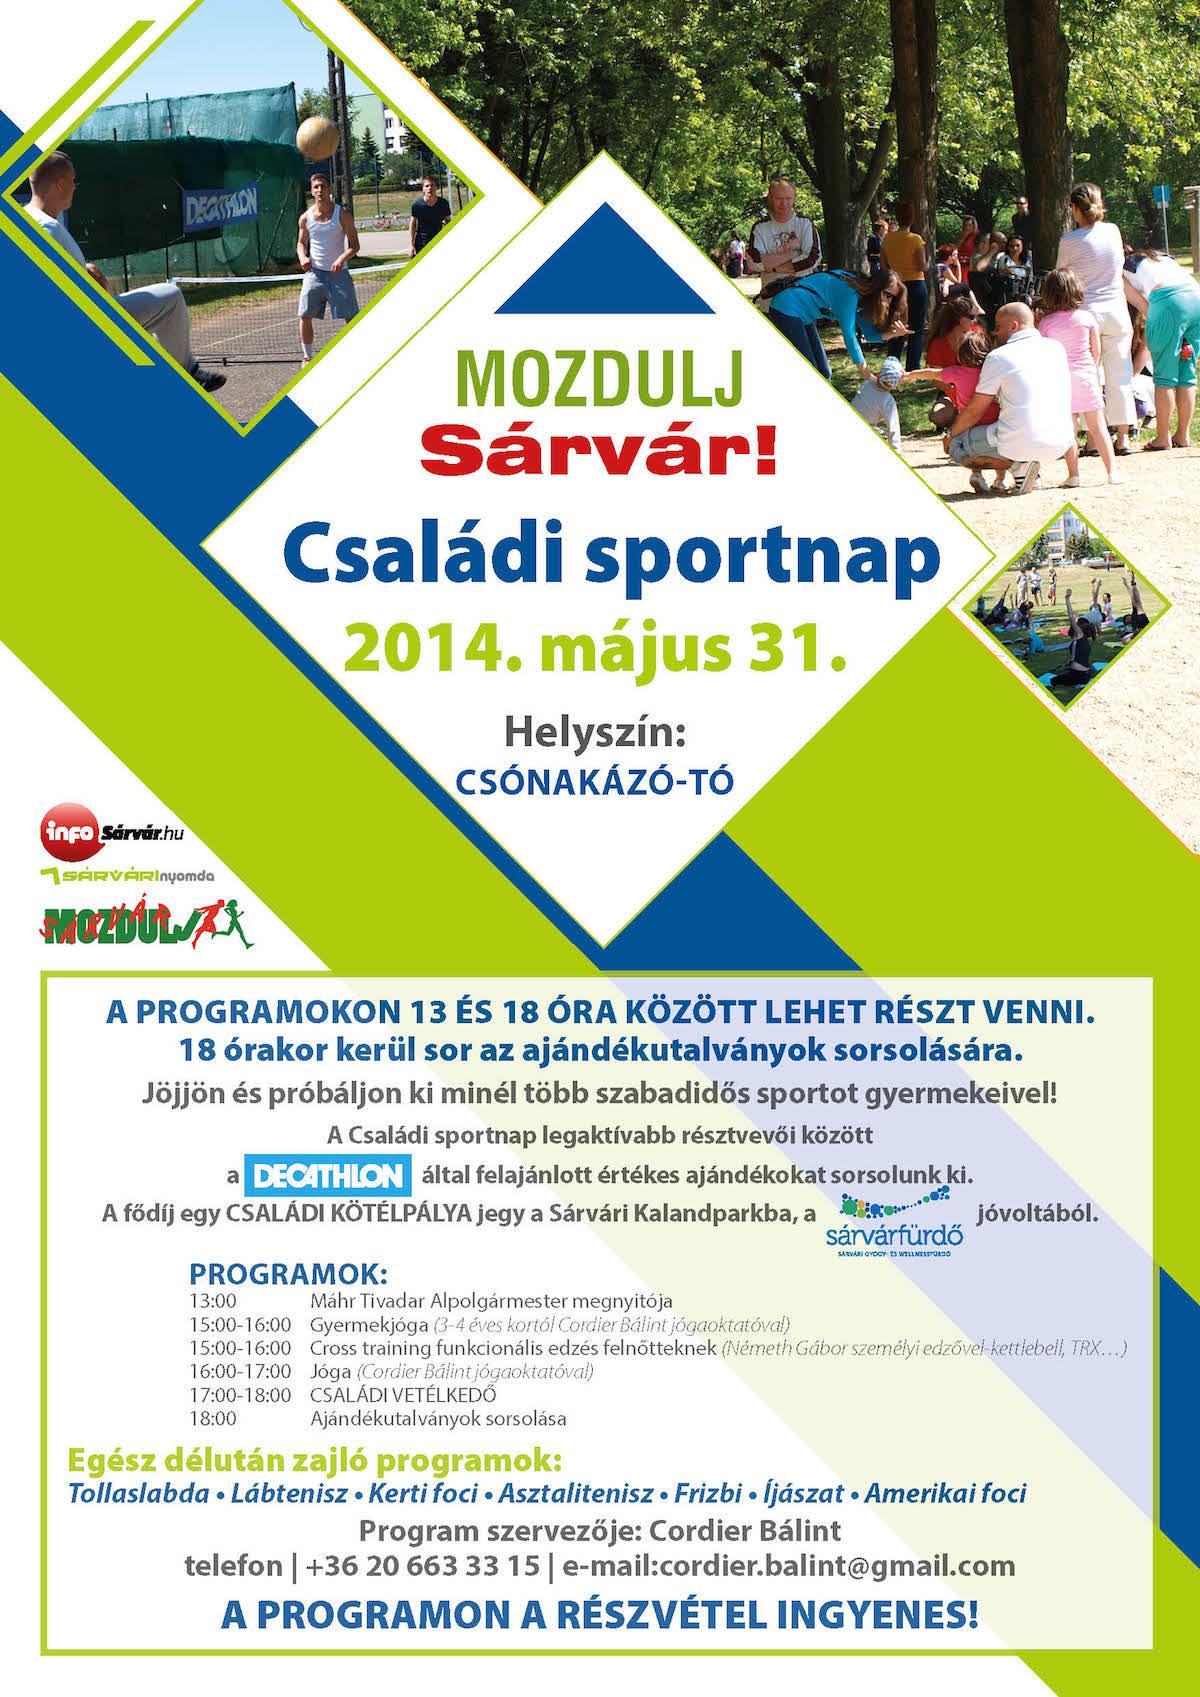 Mozdulj_Sarvar_Csaladi_NAP_2014_WEB